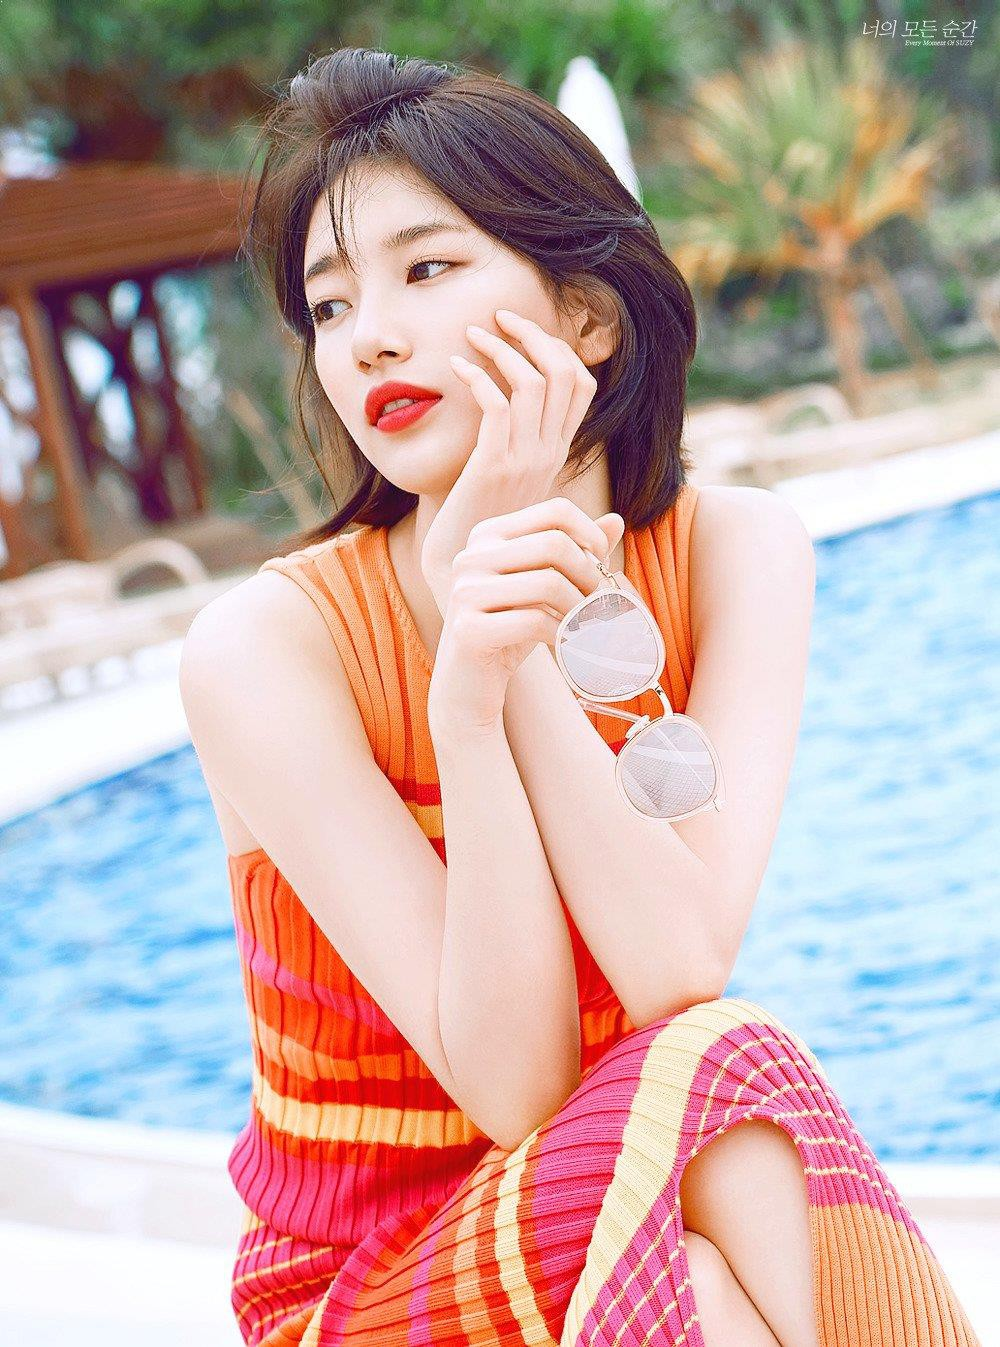 Suzy vượt cả chị đại Kim Hye Soo, cùng gương mặt lạ dẫn đầu Top sao Hàn tuổi Tuất được mong đợi nhất năm 2018 - Ảnh 1.